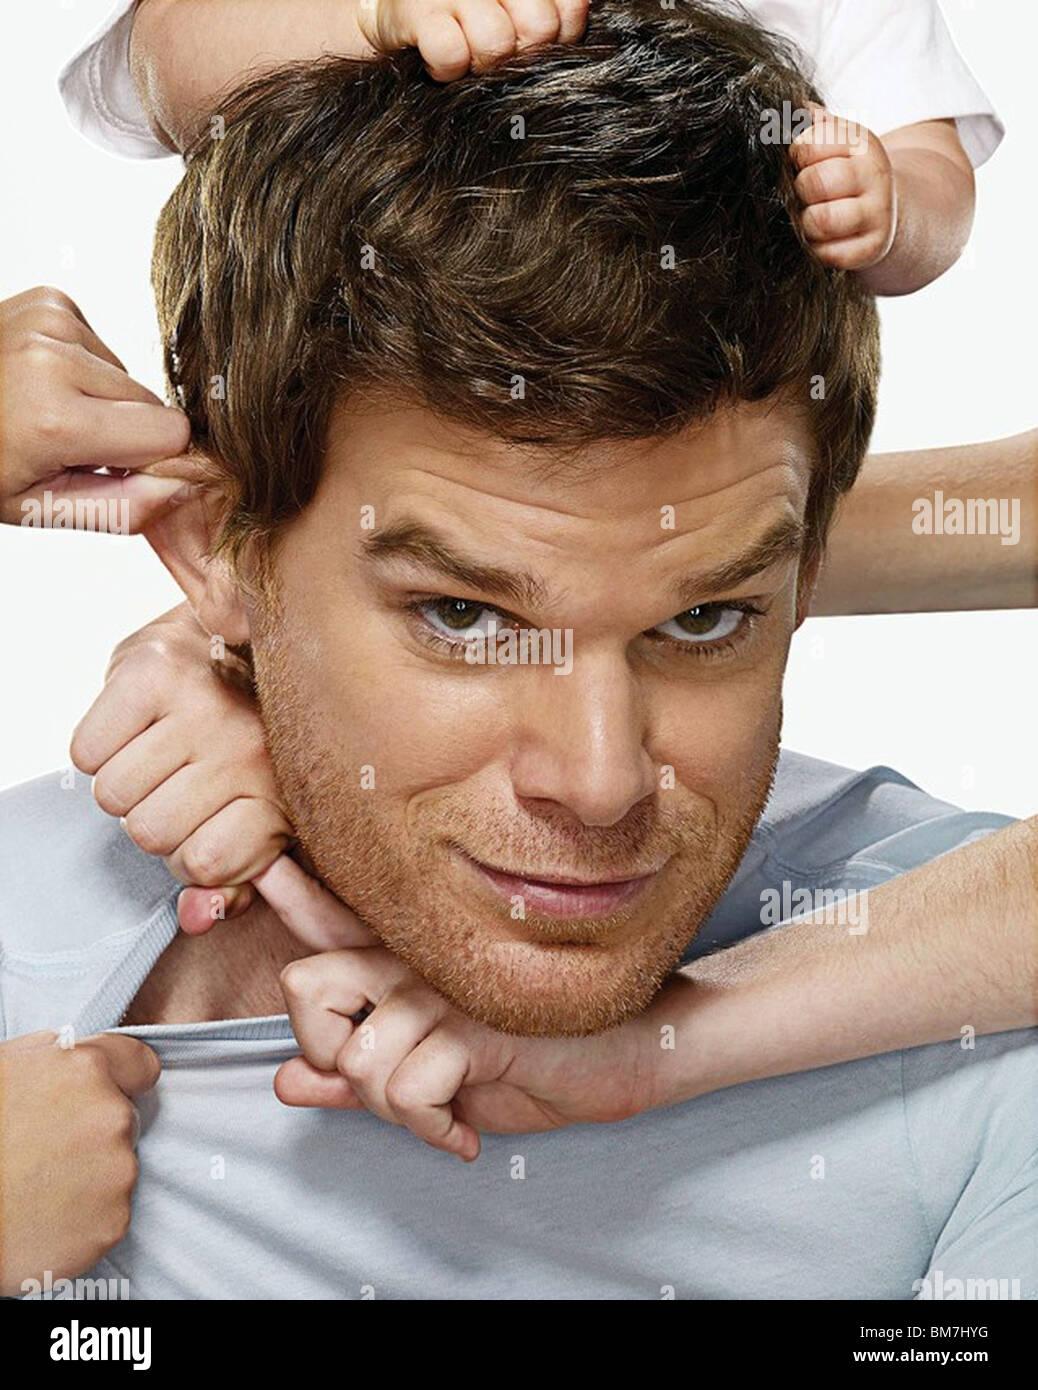 Serie de TV: Dexter, temporada 4 Foto & Imagen De Stock: 29671252 ...